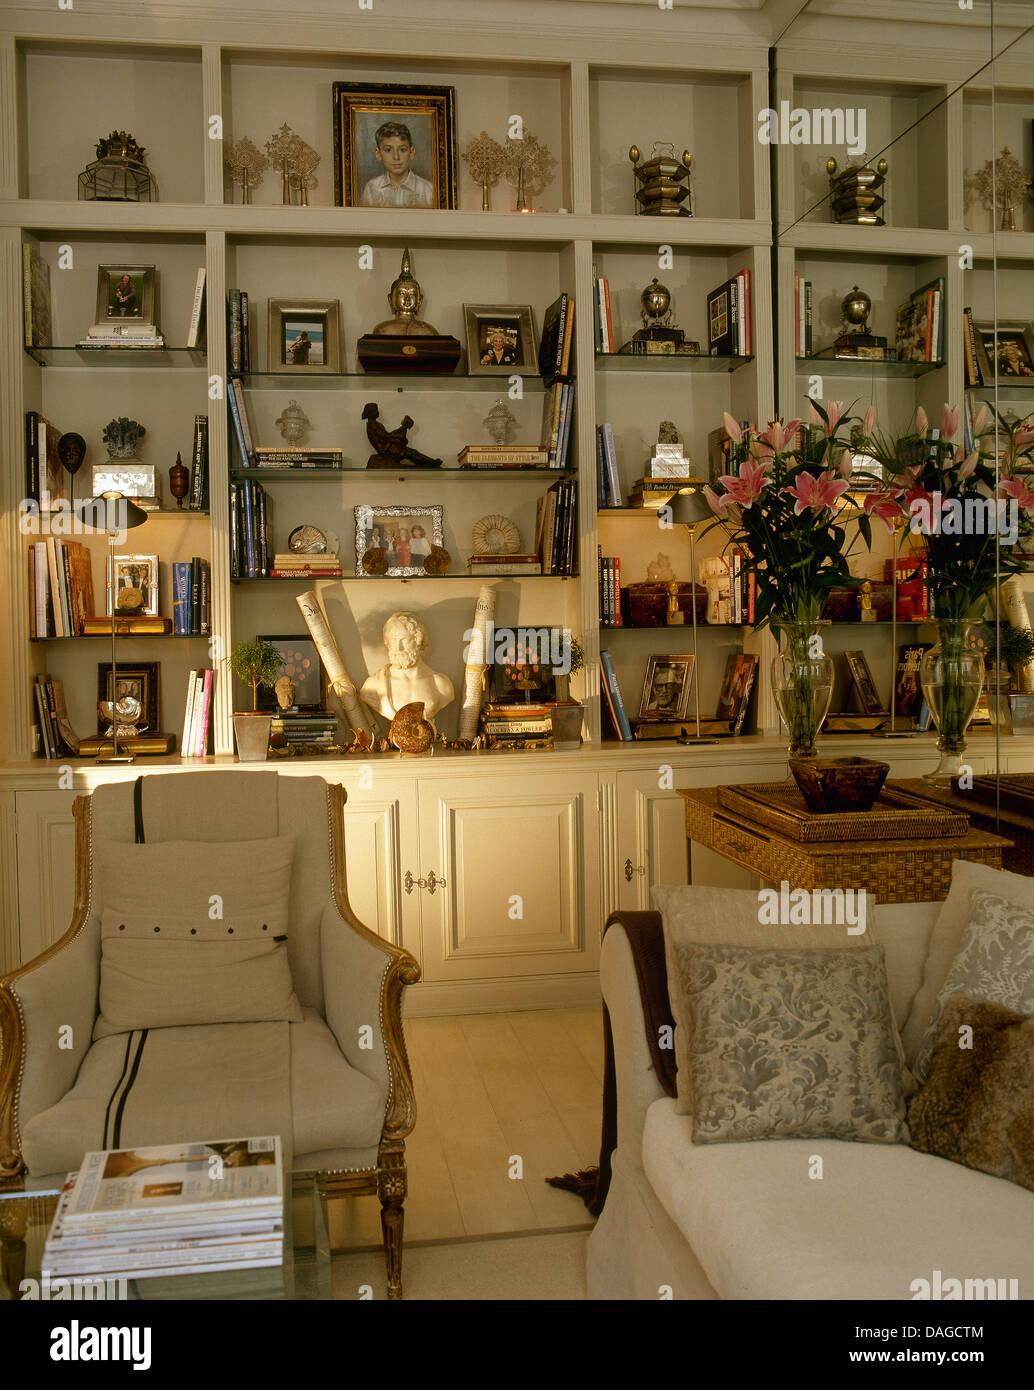 Wunderbar Sammlung Von Artefakten Auf Gebaut In Regale Im Stadthaus Wohnzimmer Mit  Cremefarbenen Sessel Und Sofa Mit Kissen Gestapelt